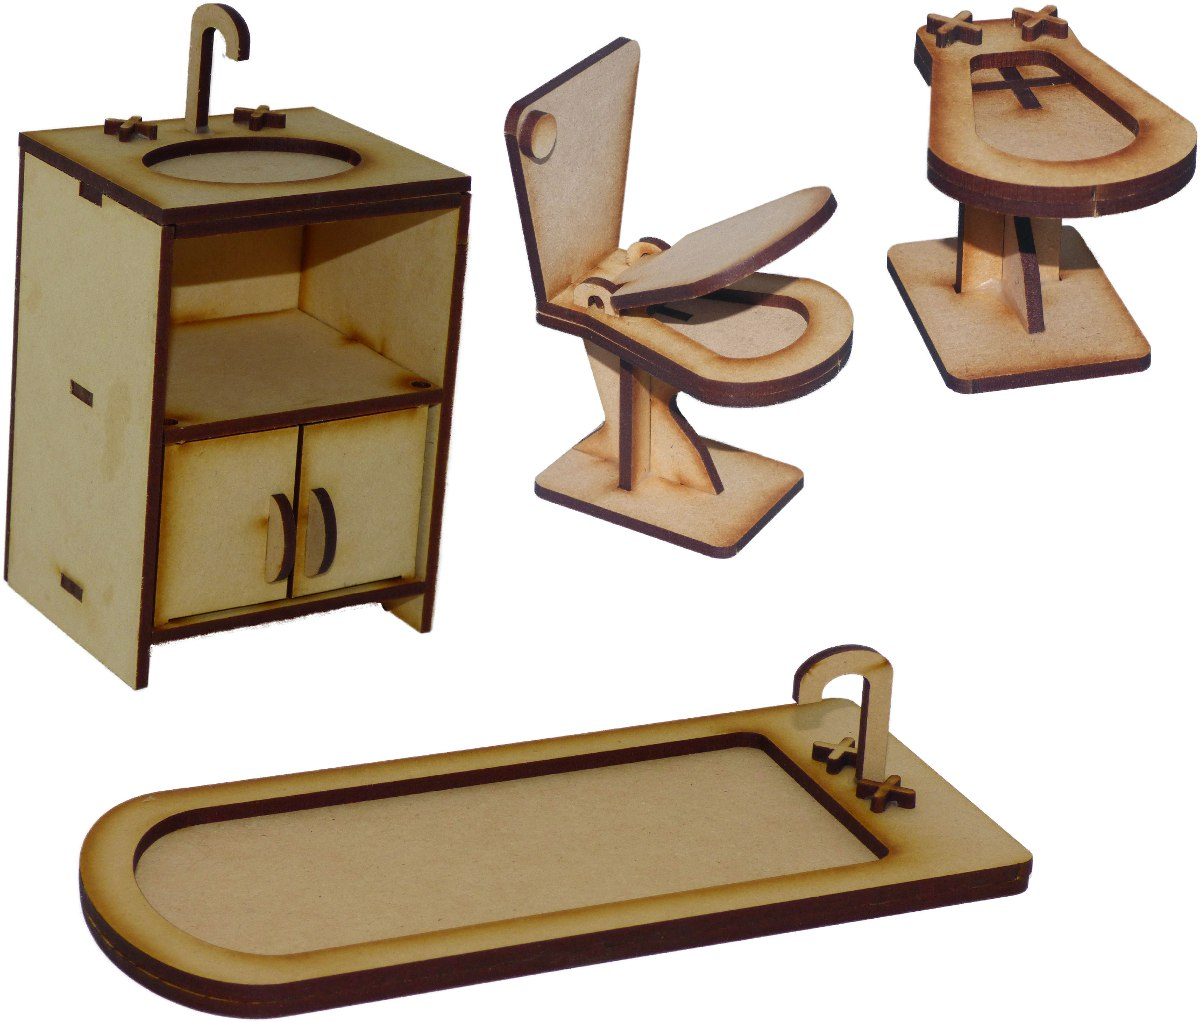 Muebles Mu Ecas Barbies Casa Fibrofacil Juego De Ba O 218  # Muebles Fibrofacil Para Casa Munecas